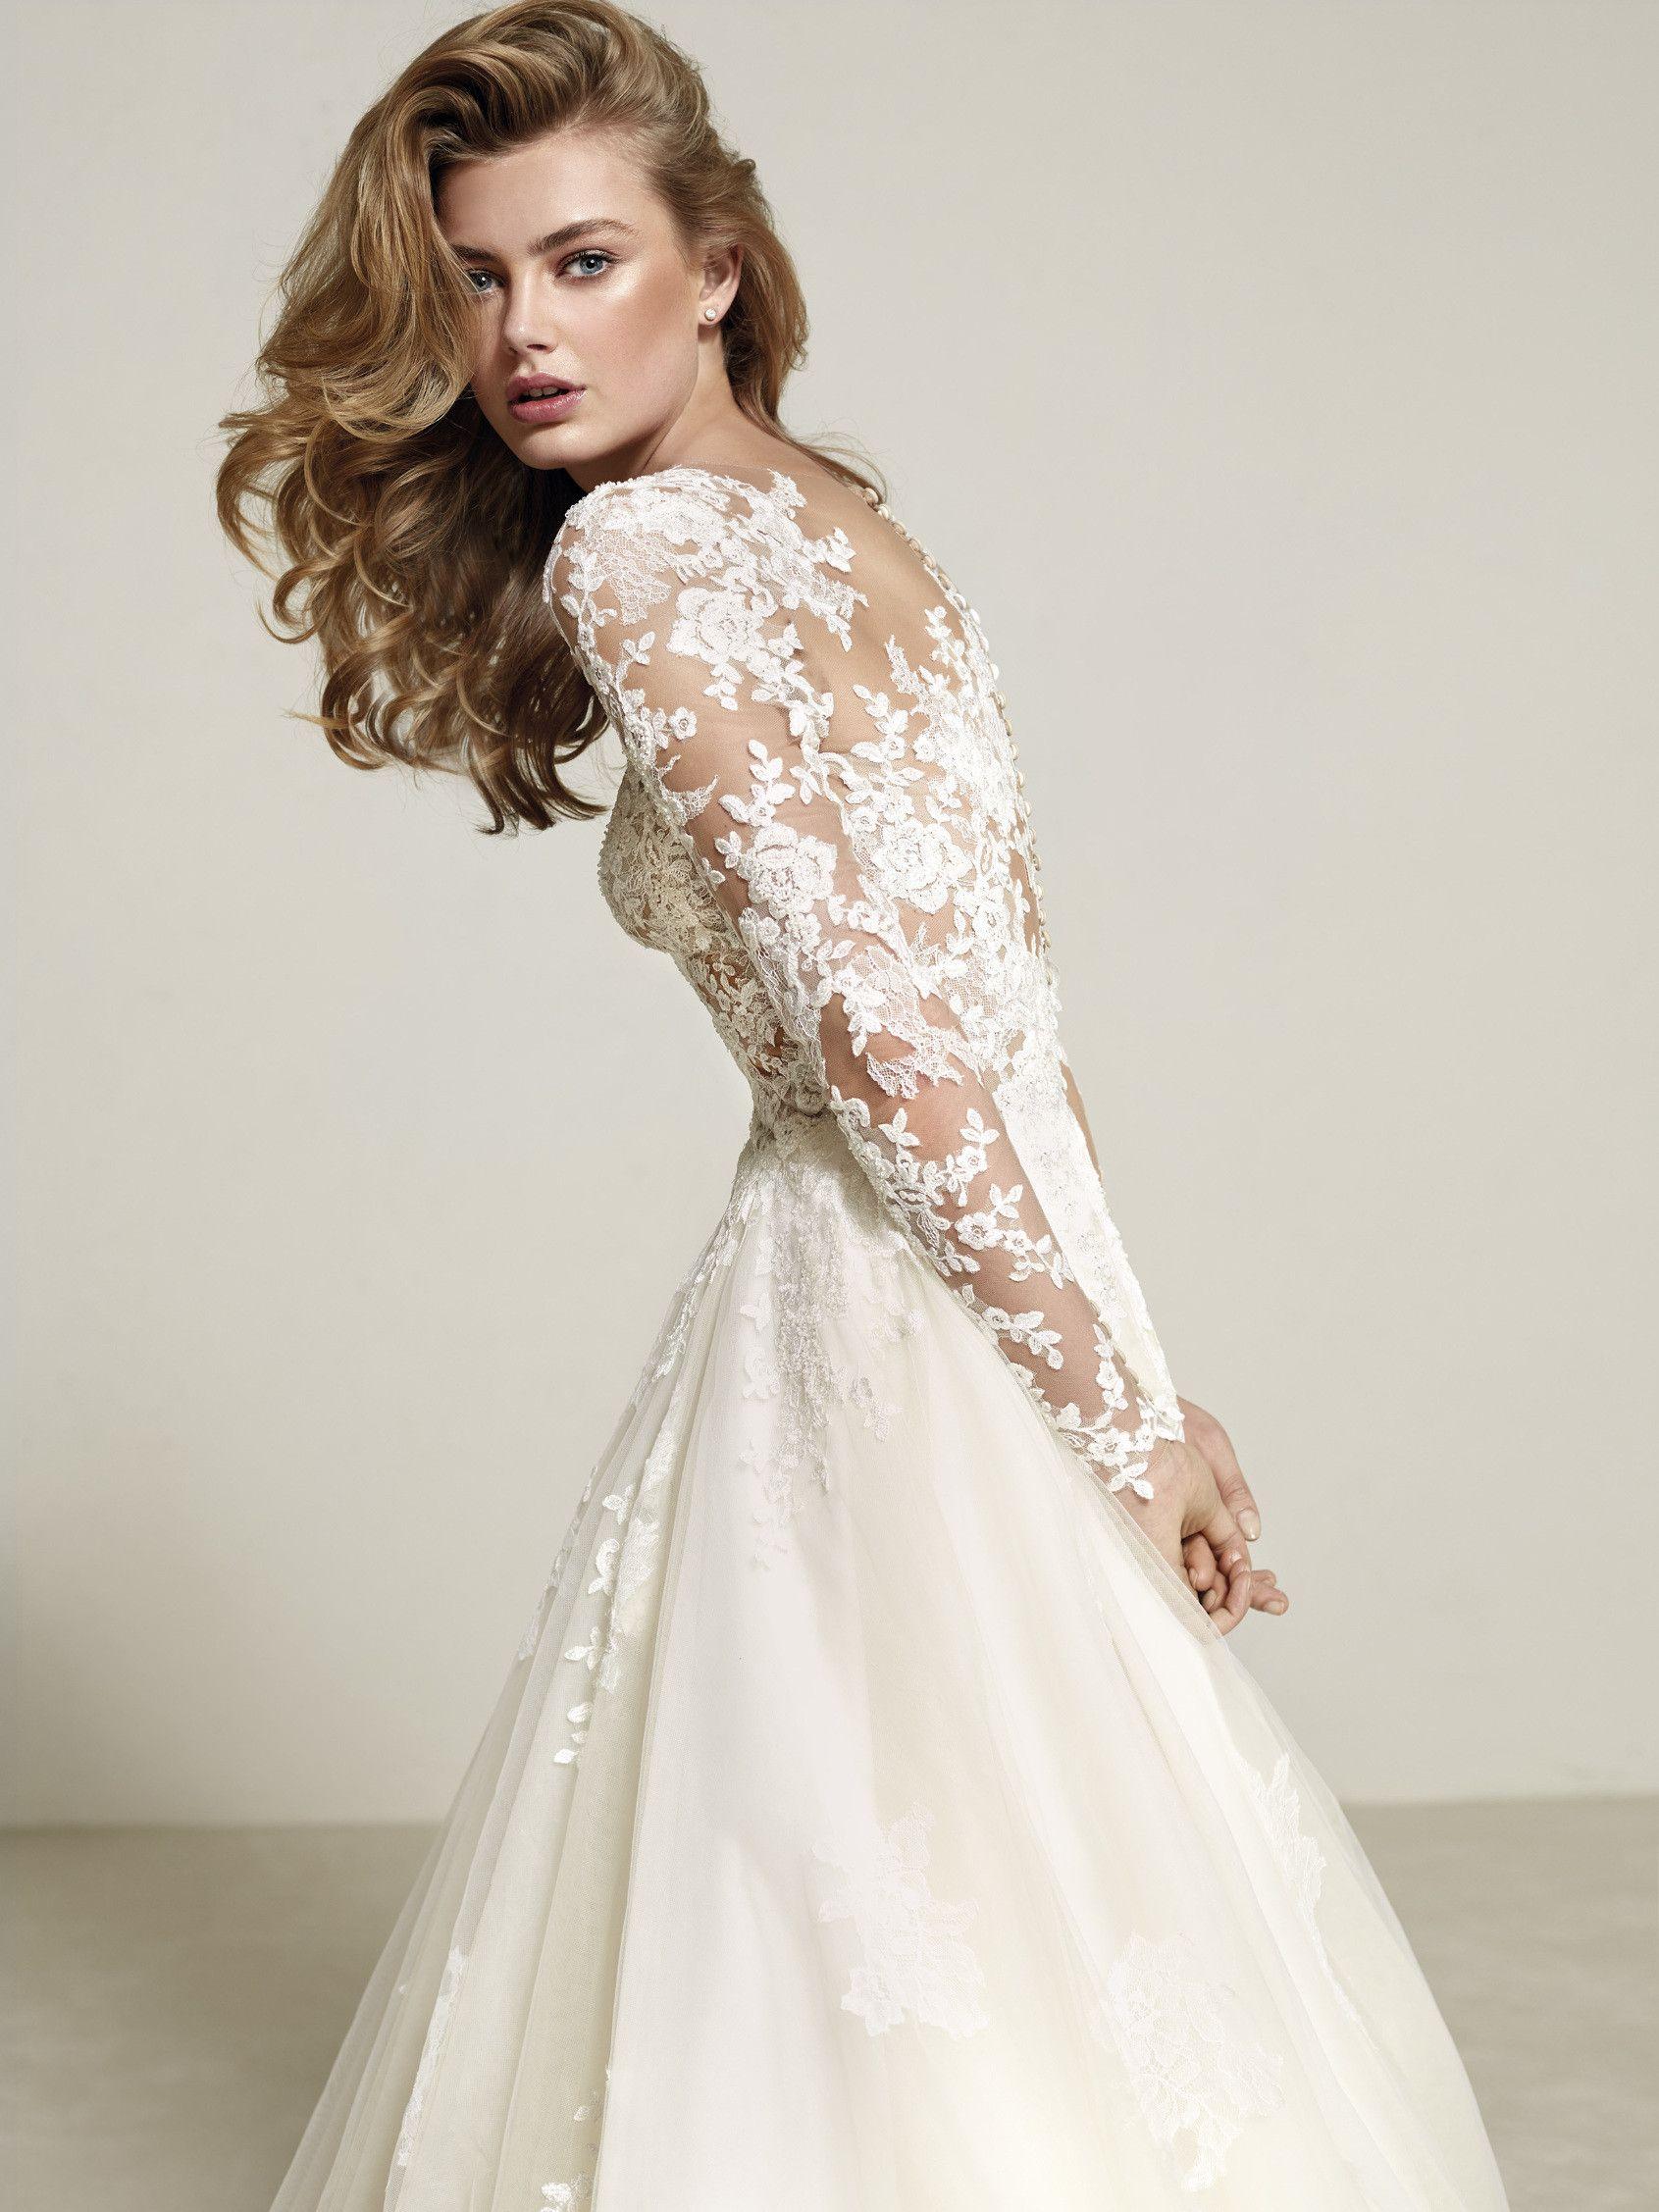 Robe de mariée princesse originale | Engagement | Pinterest ...